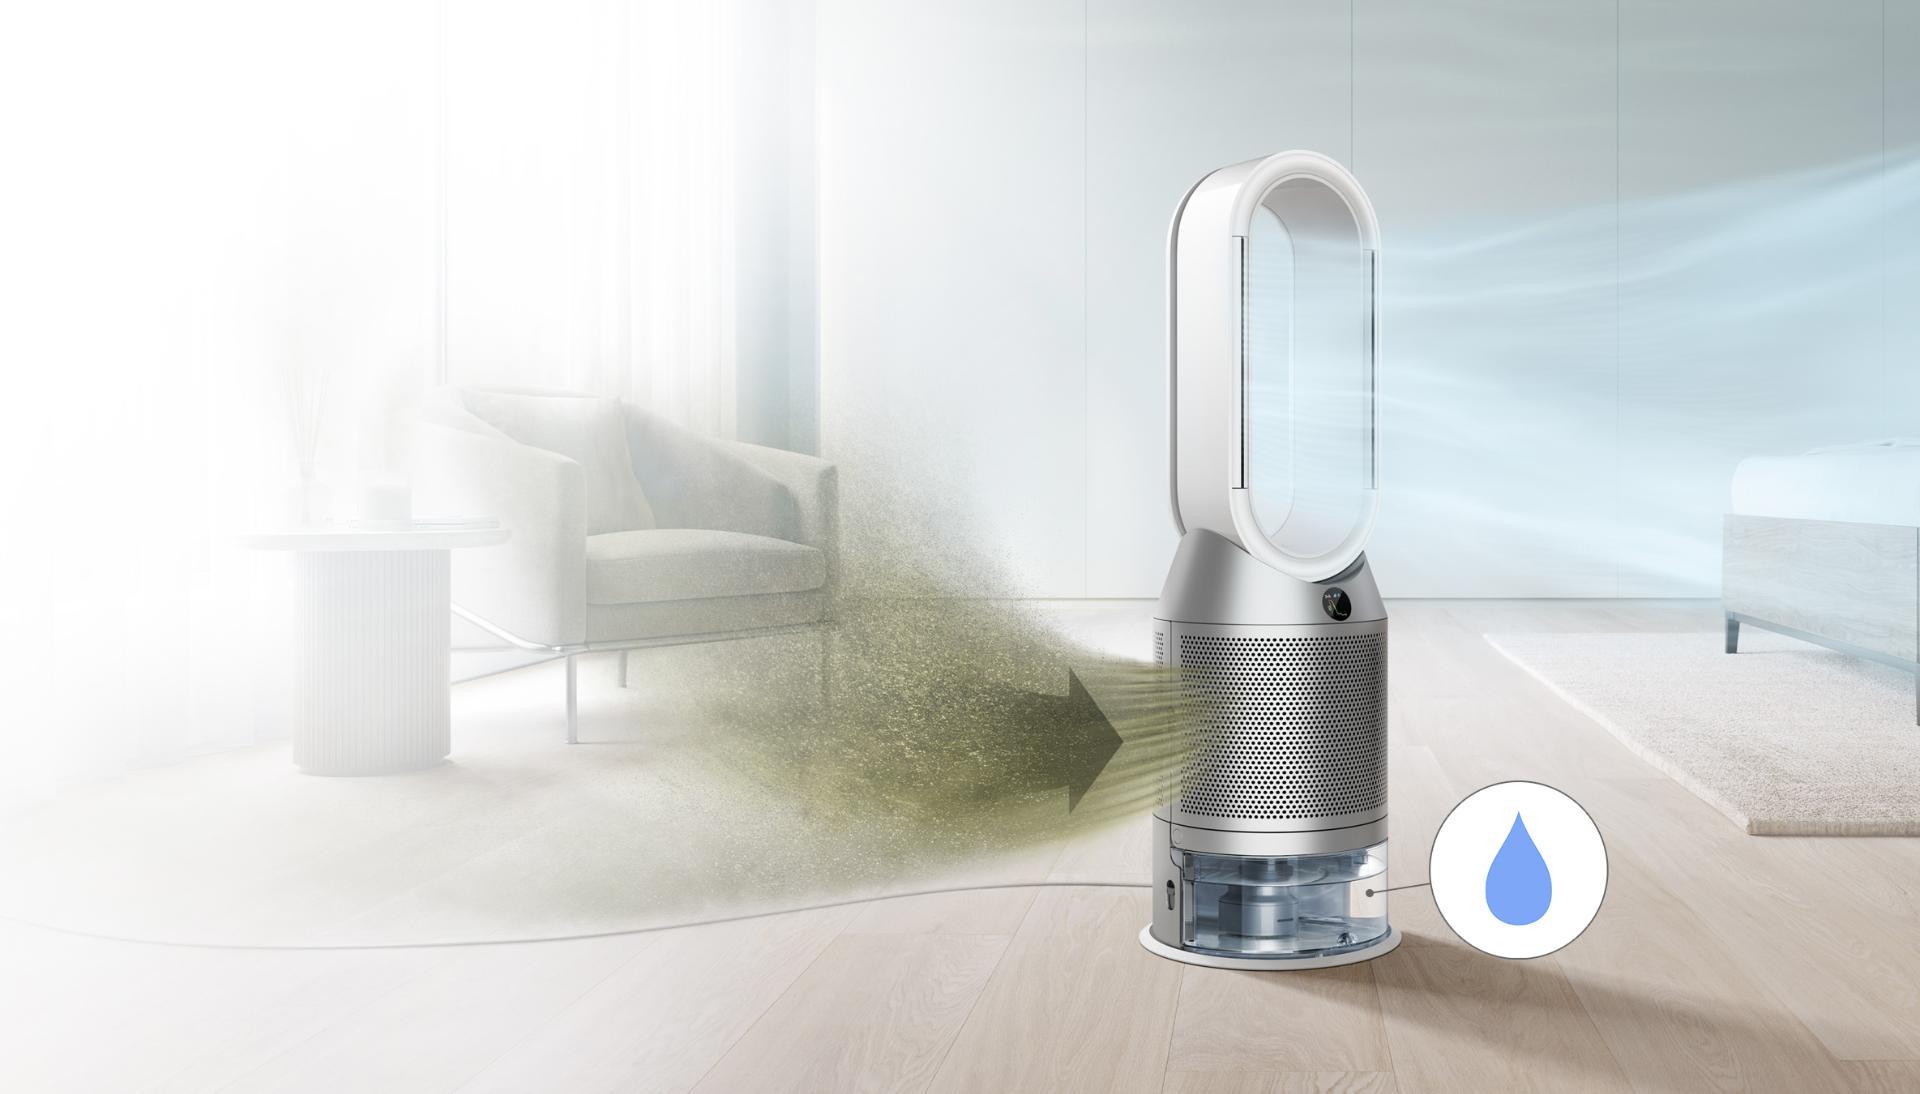 Oczyszczacz z funkcją nawilżania i chłodzenia wychwytuje zanieczyszczenia i wydala oczyszczone powietrze